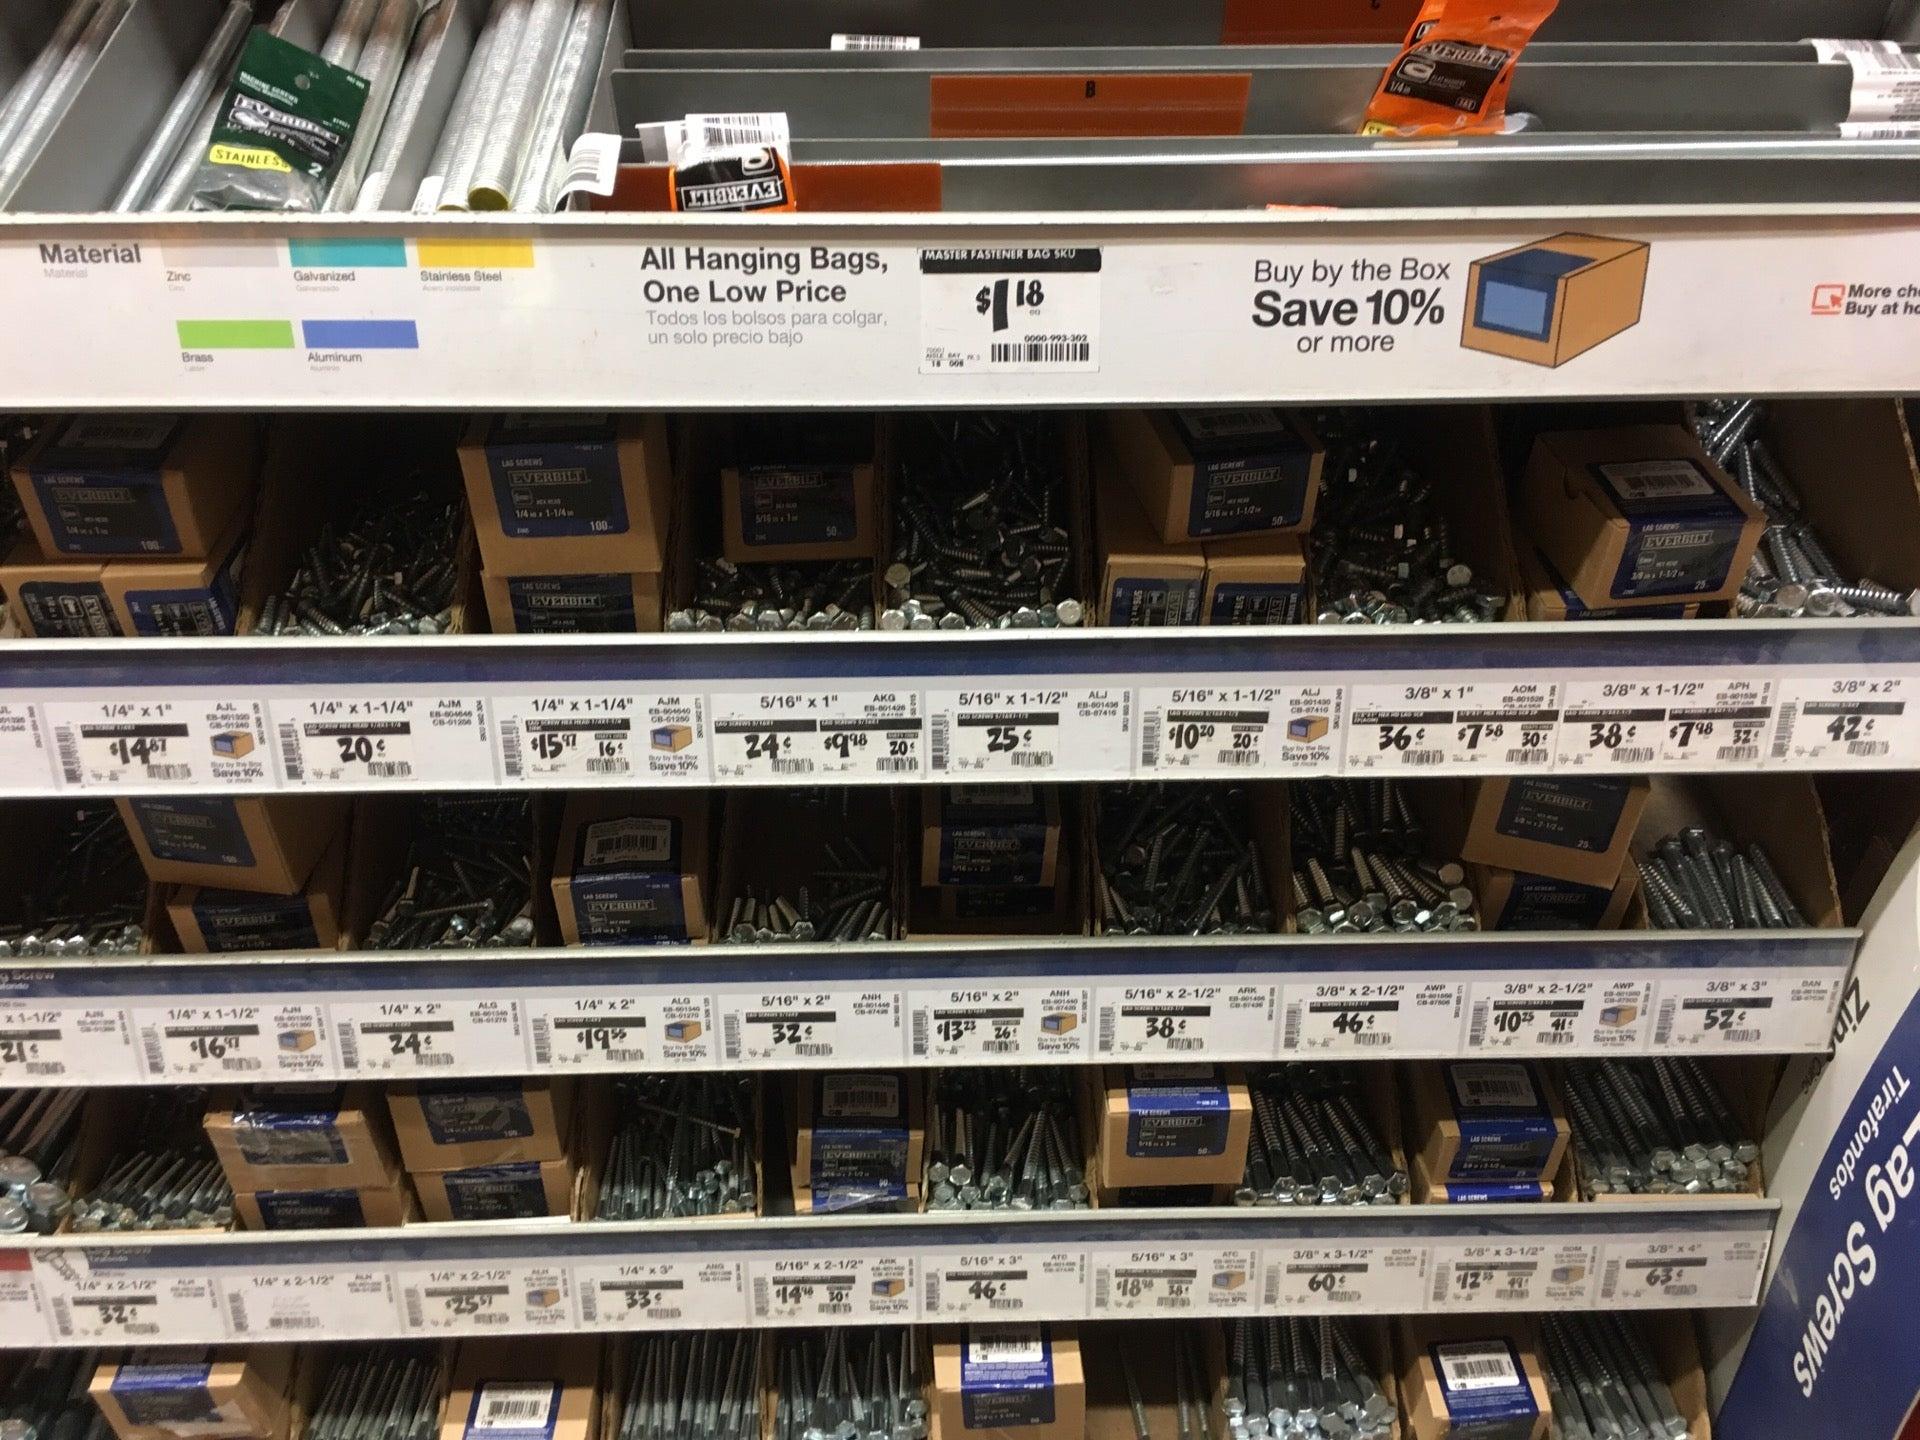 The Home Depot at 1111 Fry Rd Katy TX